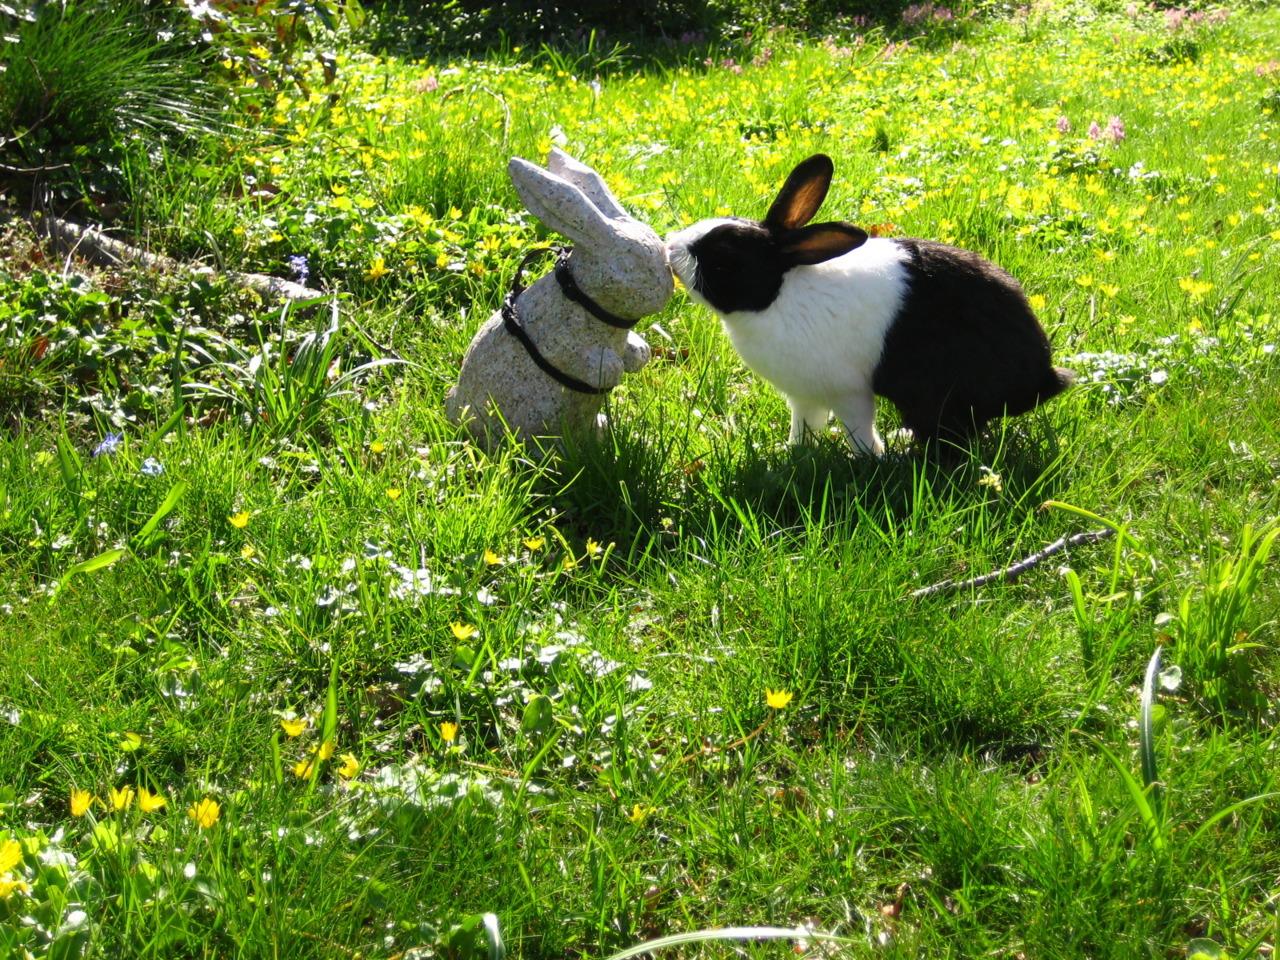 Romantic Bunny Hopes a Kiss Will Turn the Stone Bunny Real